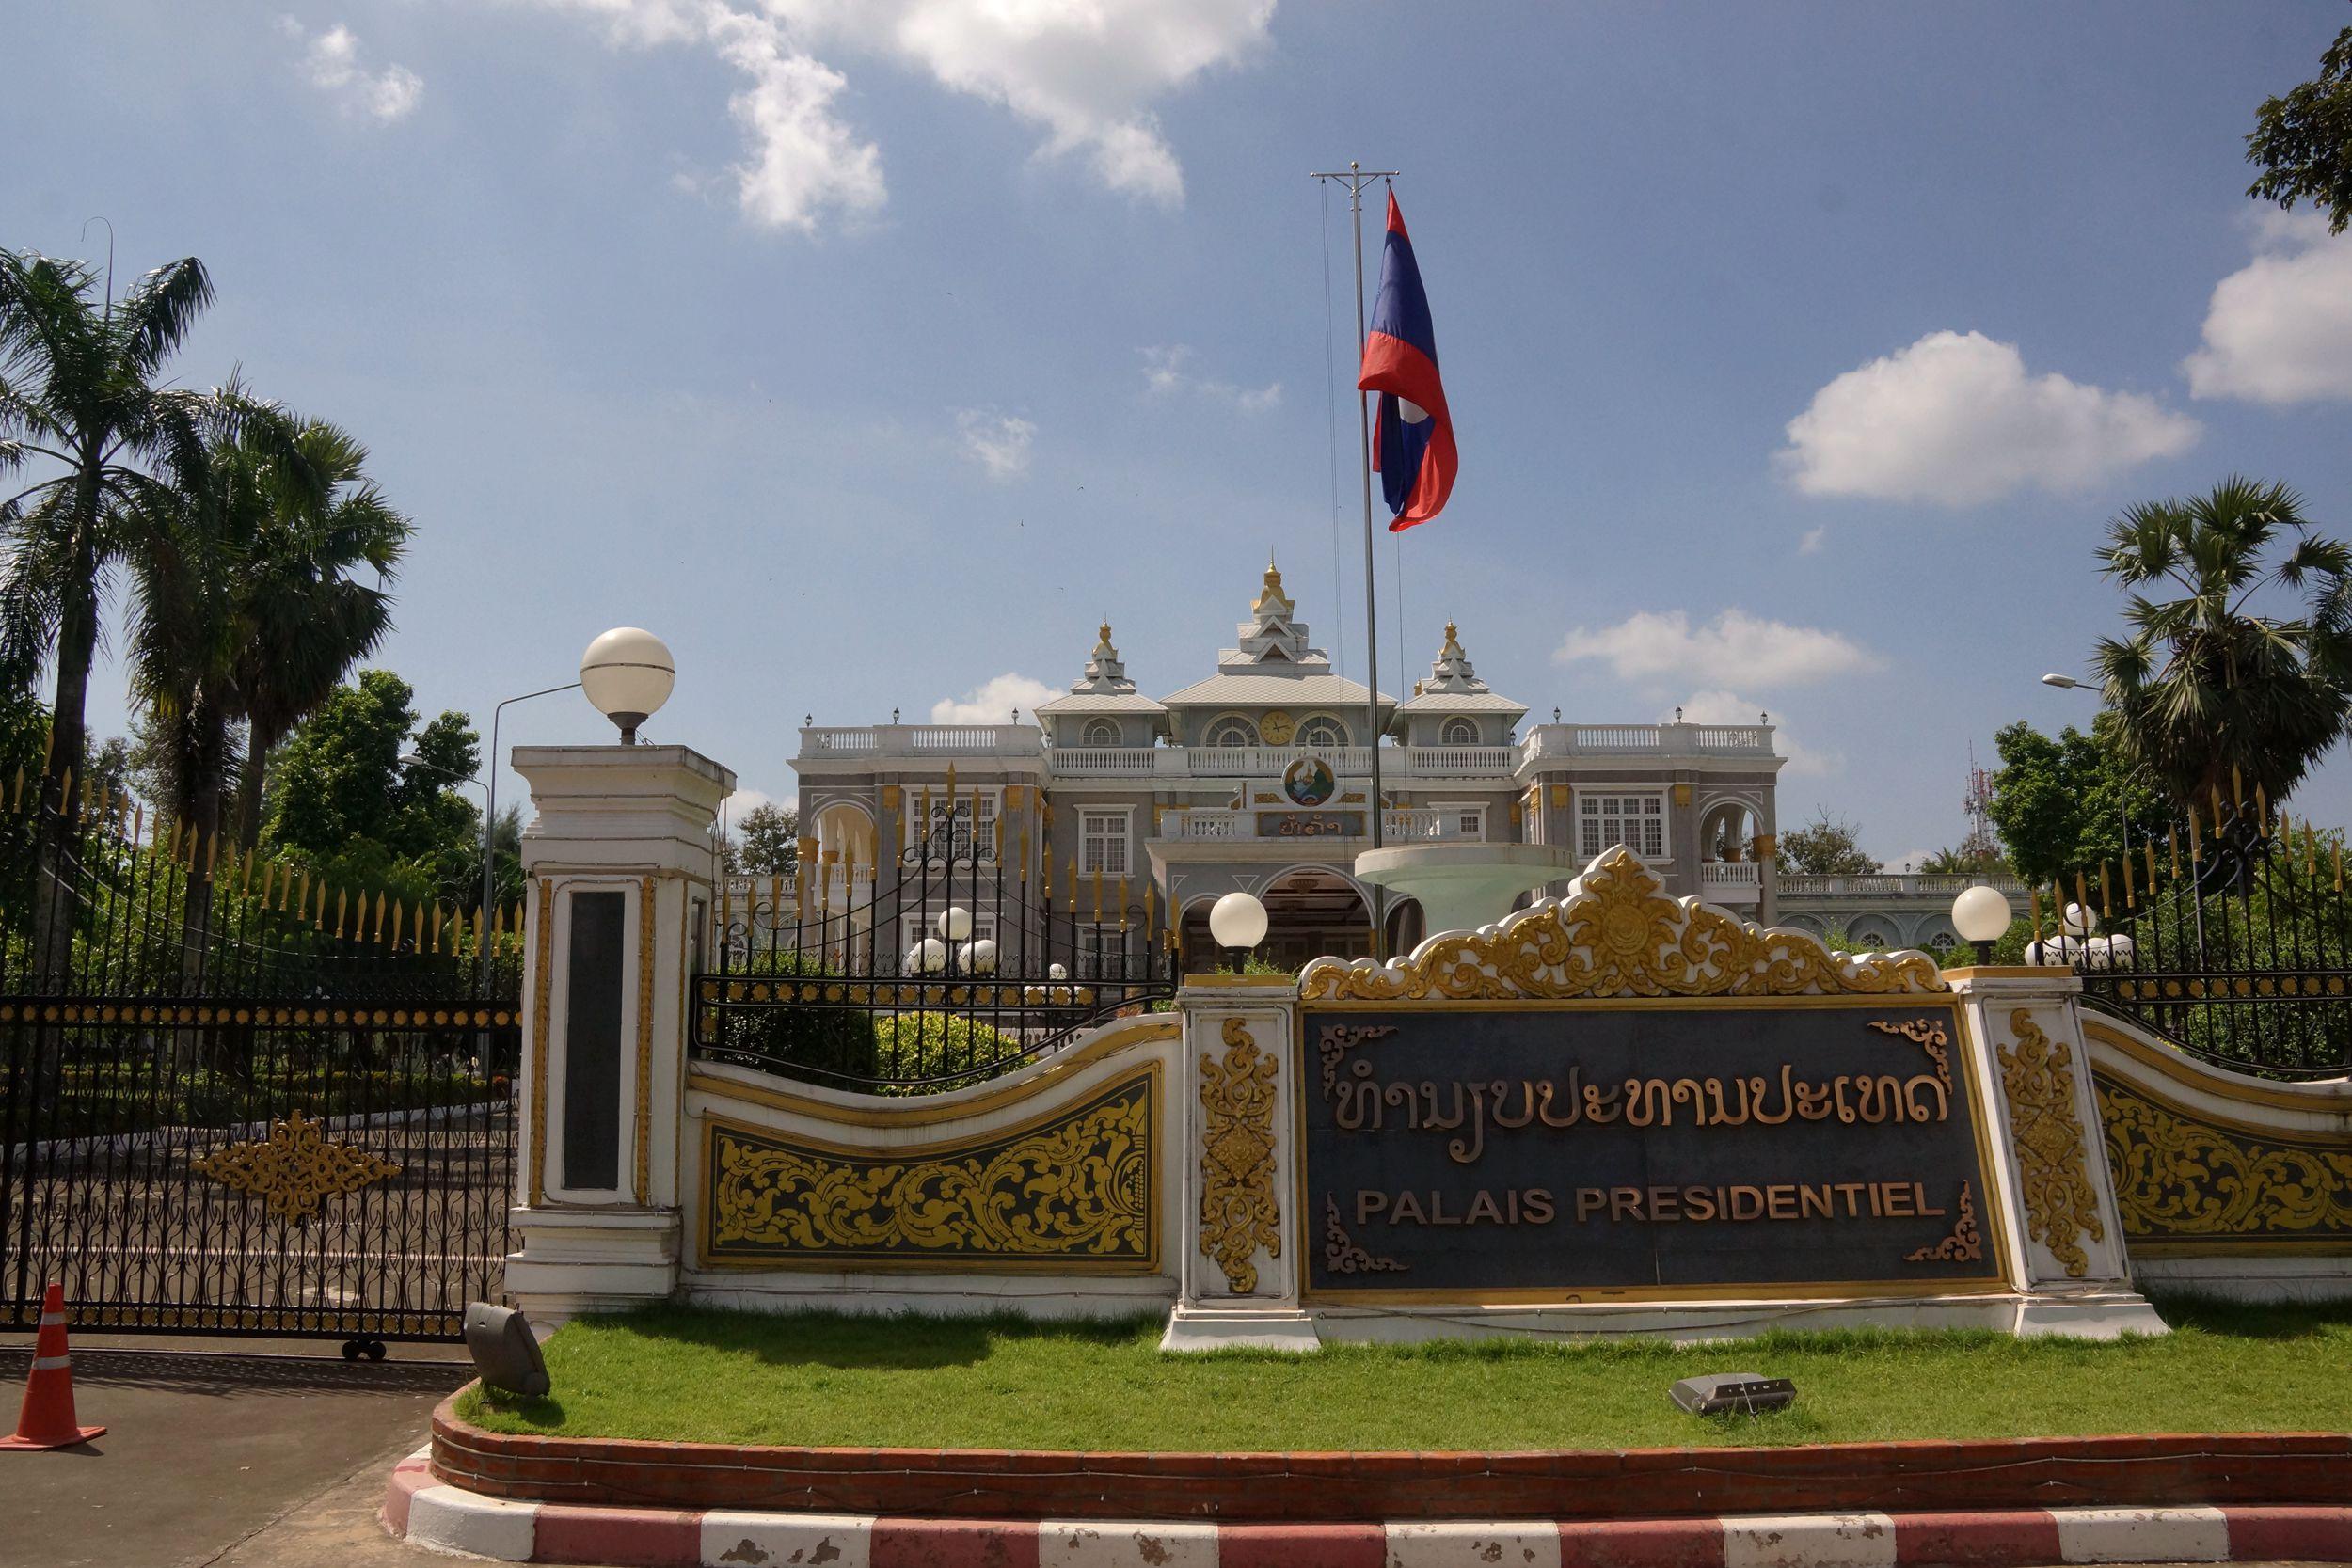 【大千世界】老挝万象主席府